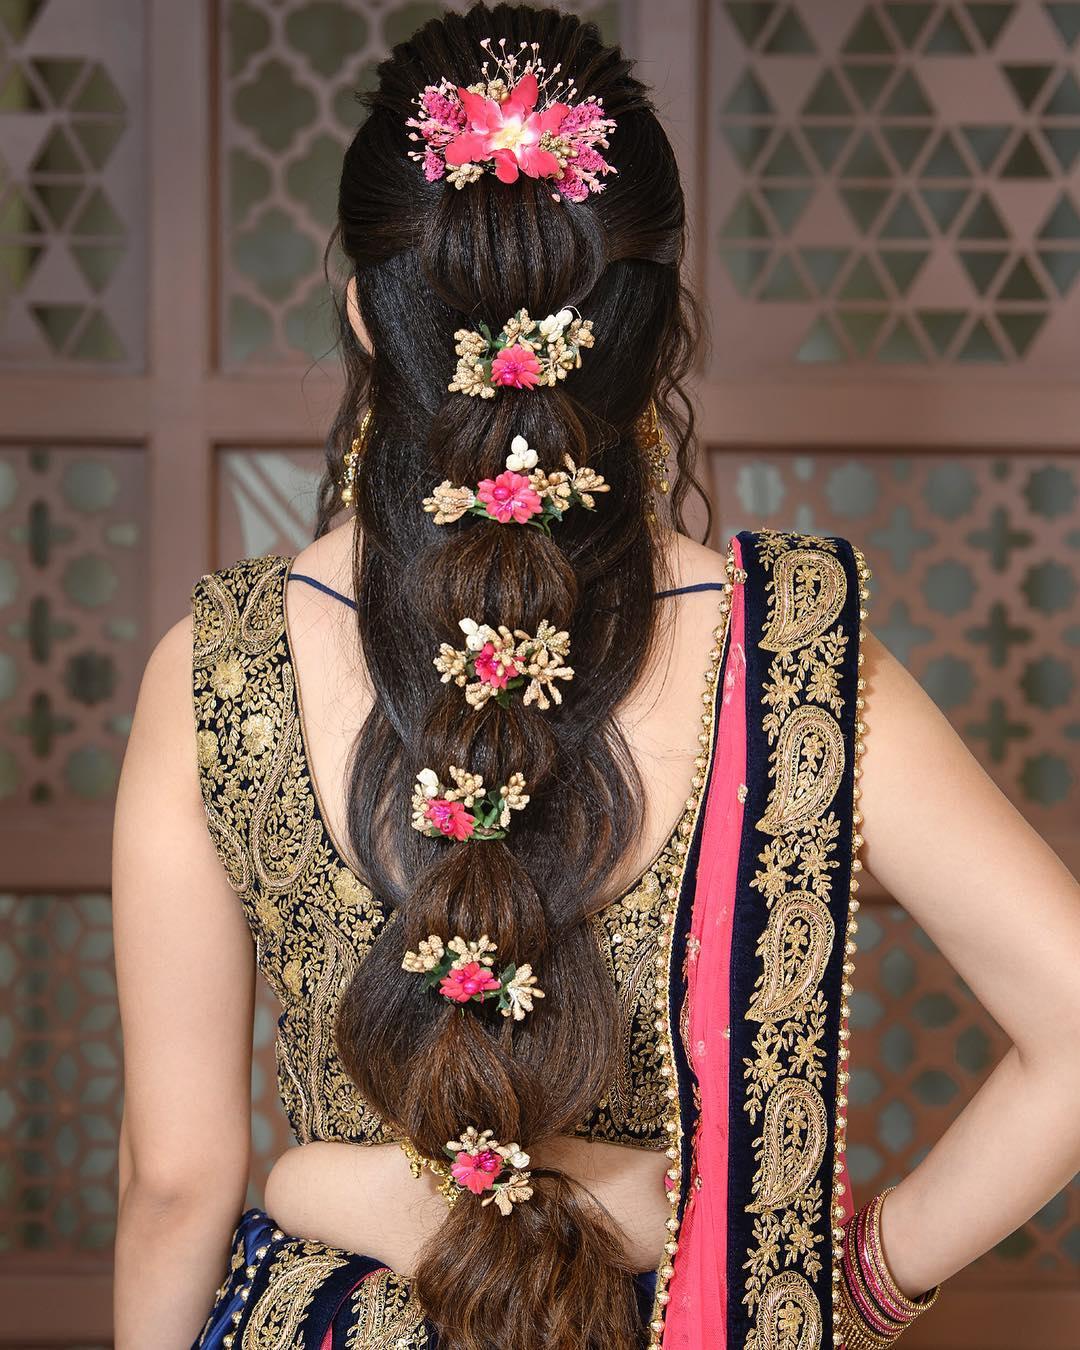 Floral hairstyles for Haldi and Mehendi Ceremonies!